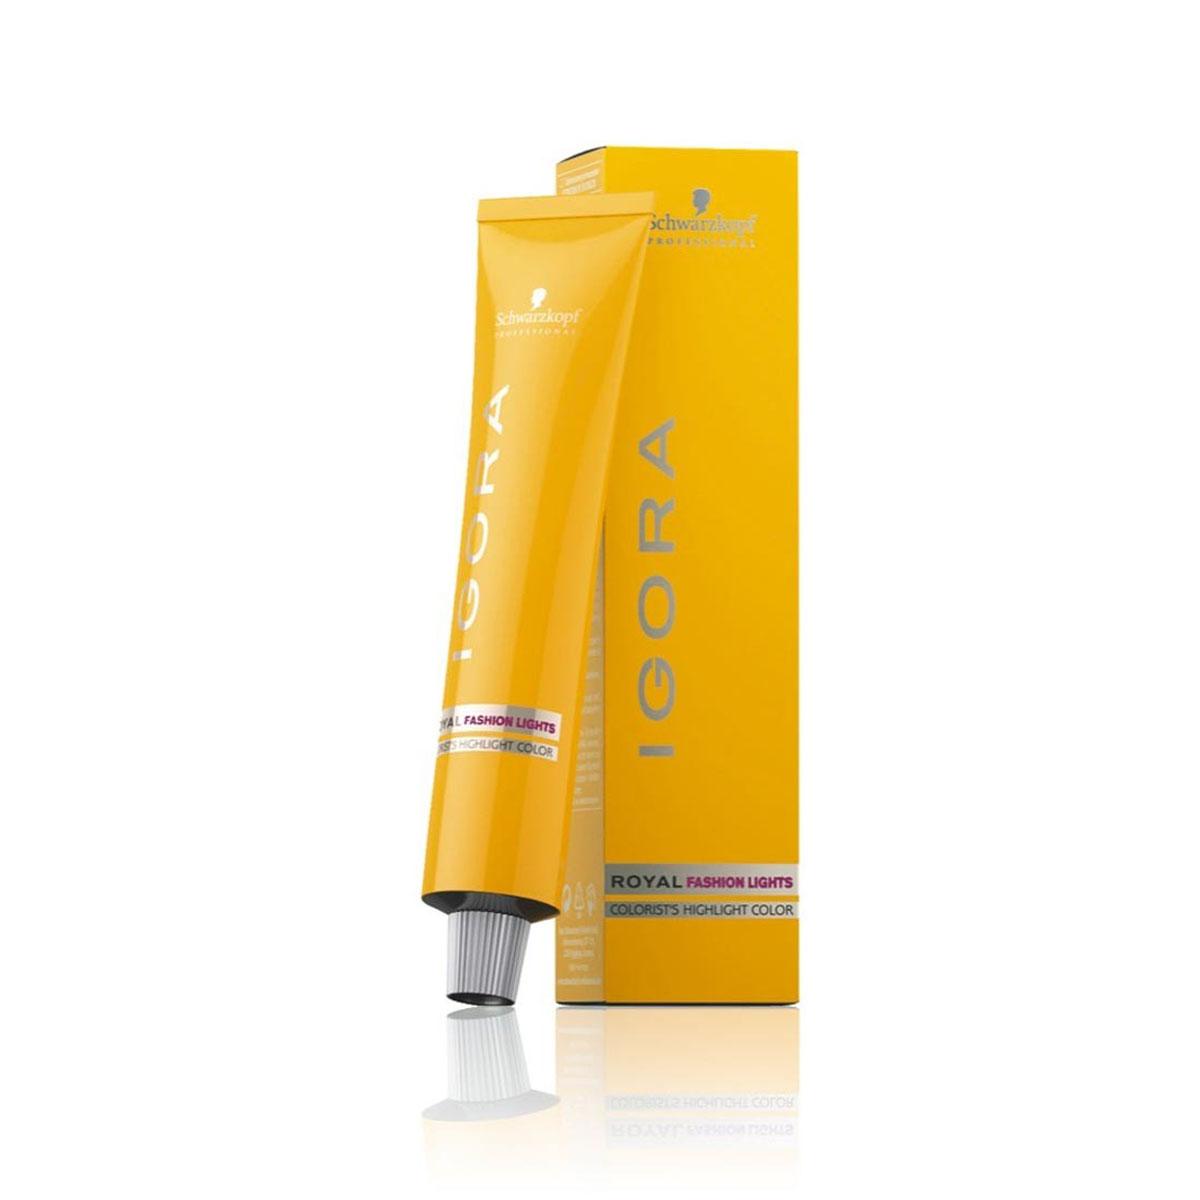 Igora Royal Перманентный краситель для волос - красный экстра 60 мл77416Крем-краска для выполнения любых техник мелирования и создания цветовых акцентов. Не требует предварительного осветления. Осветляет и окрашивает за 1 шаг даже натуральные темные и ранее окрашенные волосы. Непревзойденные спецэффекты – используйте технику мелирования на определенной натуральной глубине тона – от мерцающего ириса до темных фиолетовых вспышек. Красный экстра.